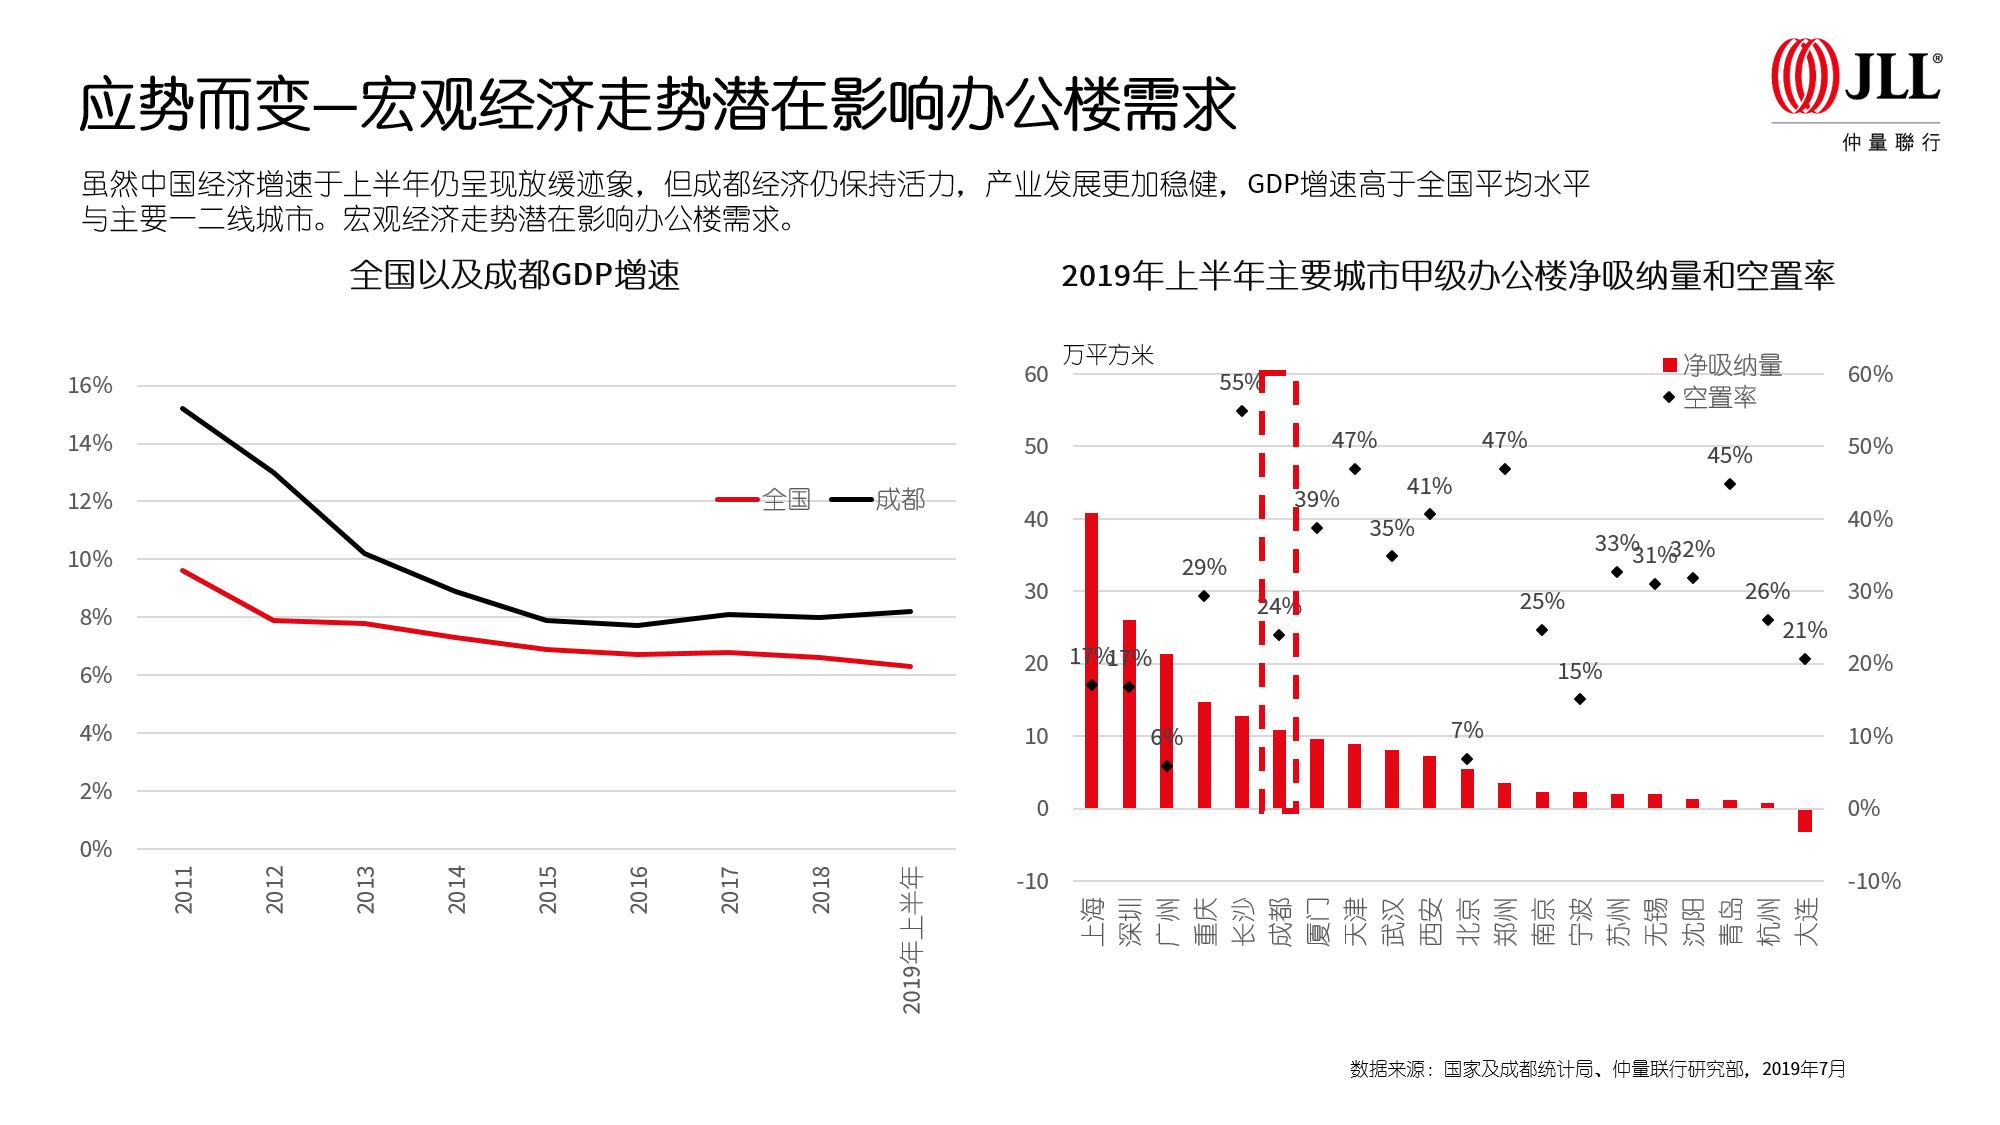 仲量联行 | 新经济、高技术产业支撑经济增长,成都办公楼市场应势而变-中国网地产